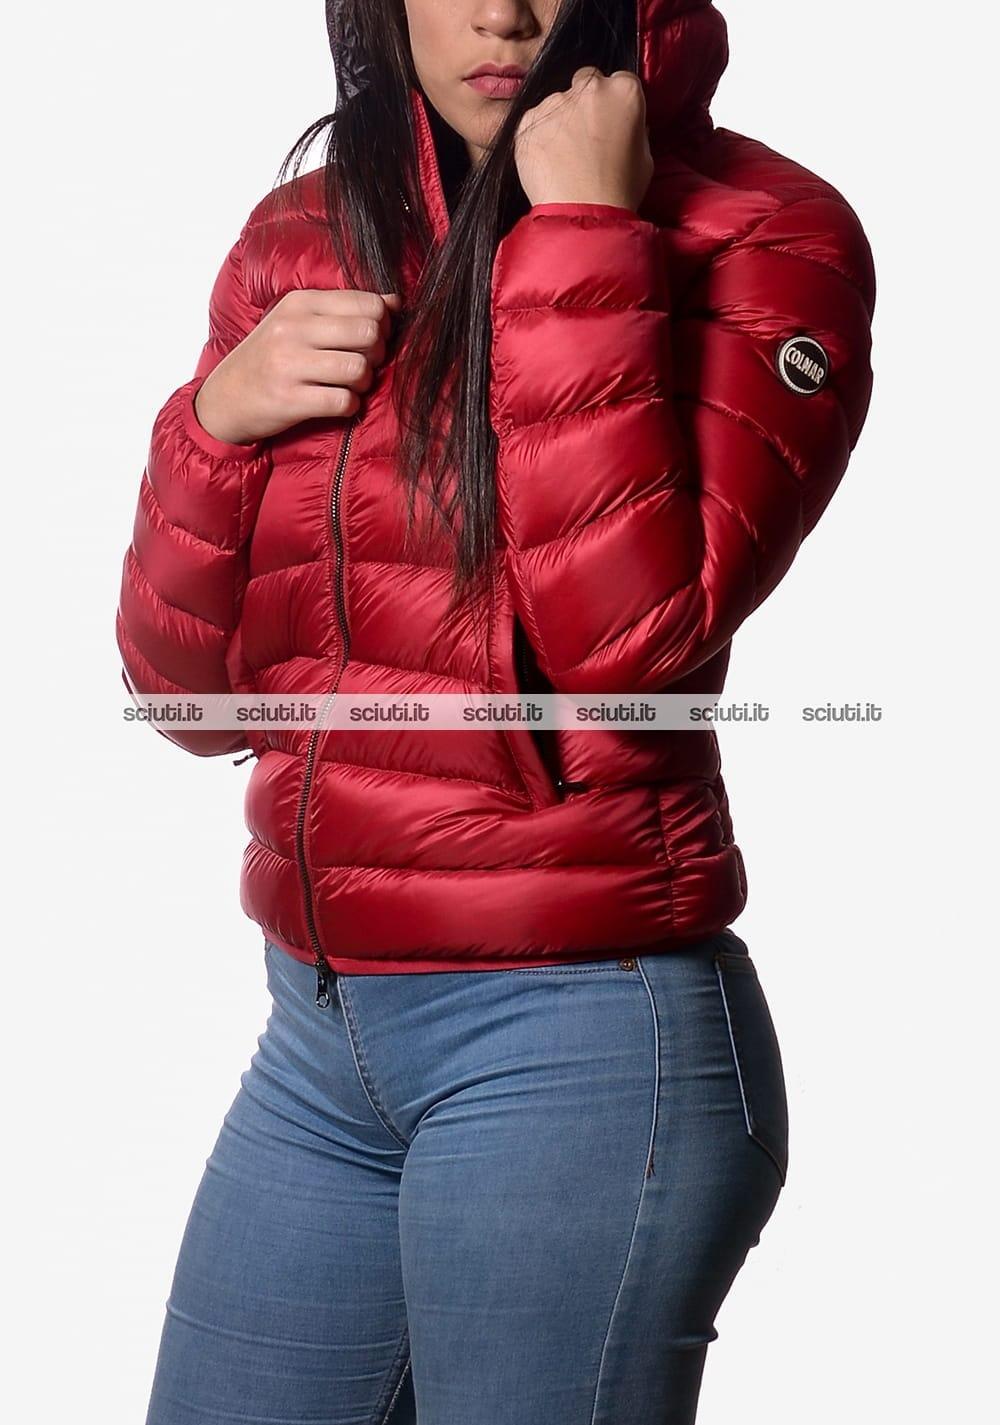 new style c7326 101d5 Piumino Colmar donna pesante con cappuccio rosso